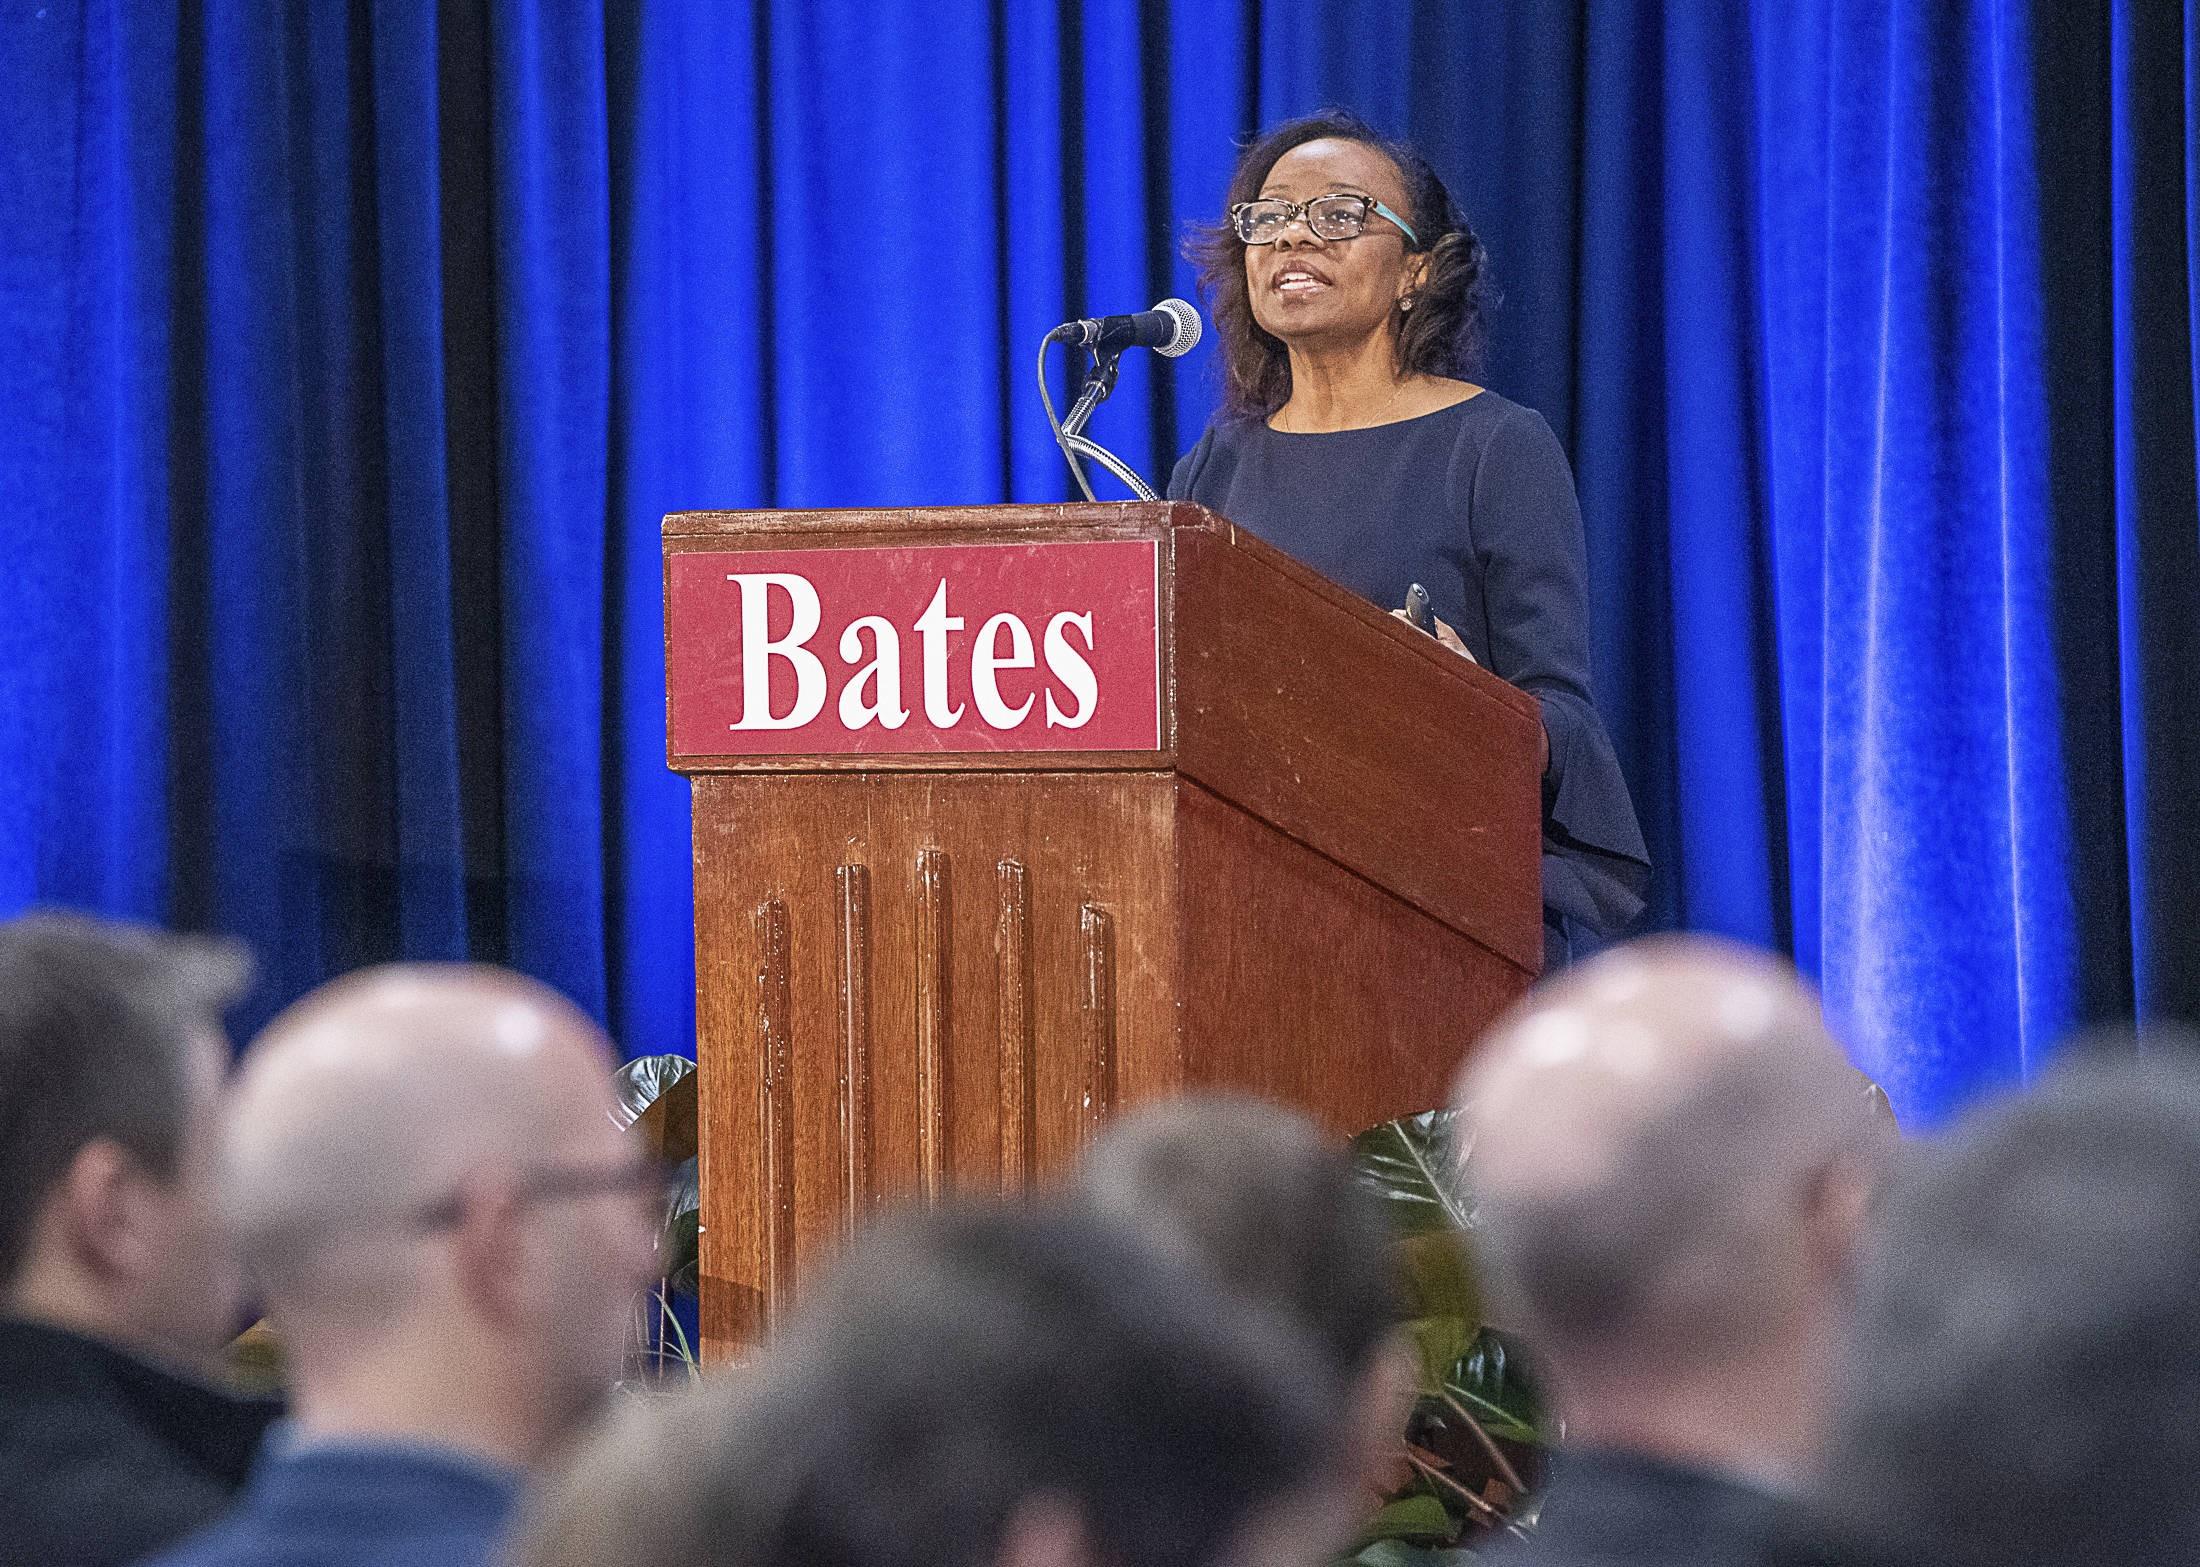 Conférence de la chercheuse Jennifer Lynn Eberhardt au Bates College (Maine), 10 janvier 2020 © Andrea Kehn / AP / SIPA.